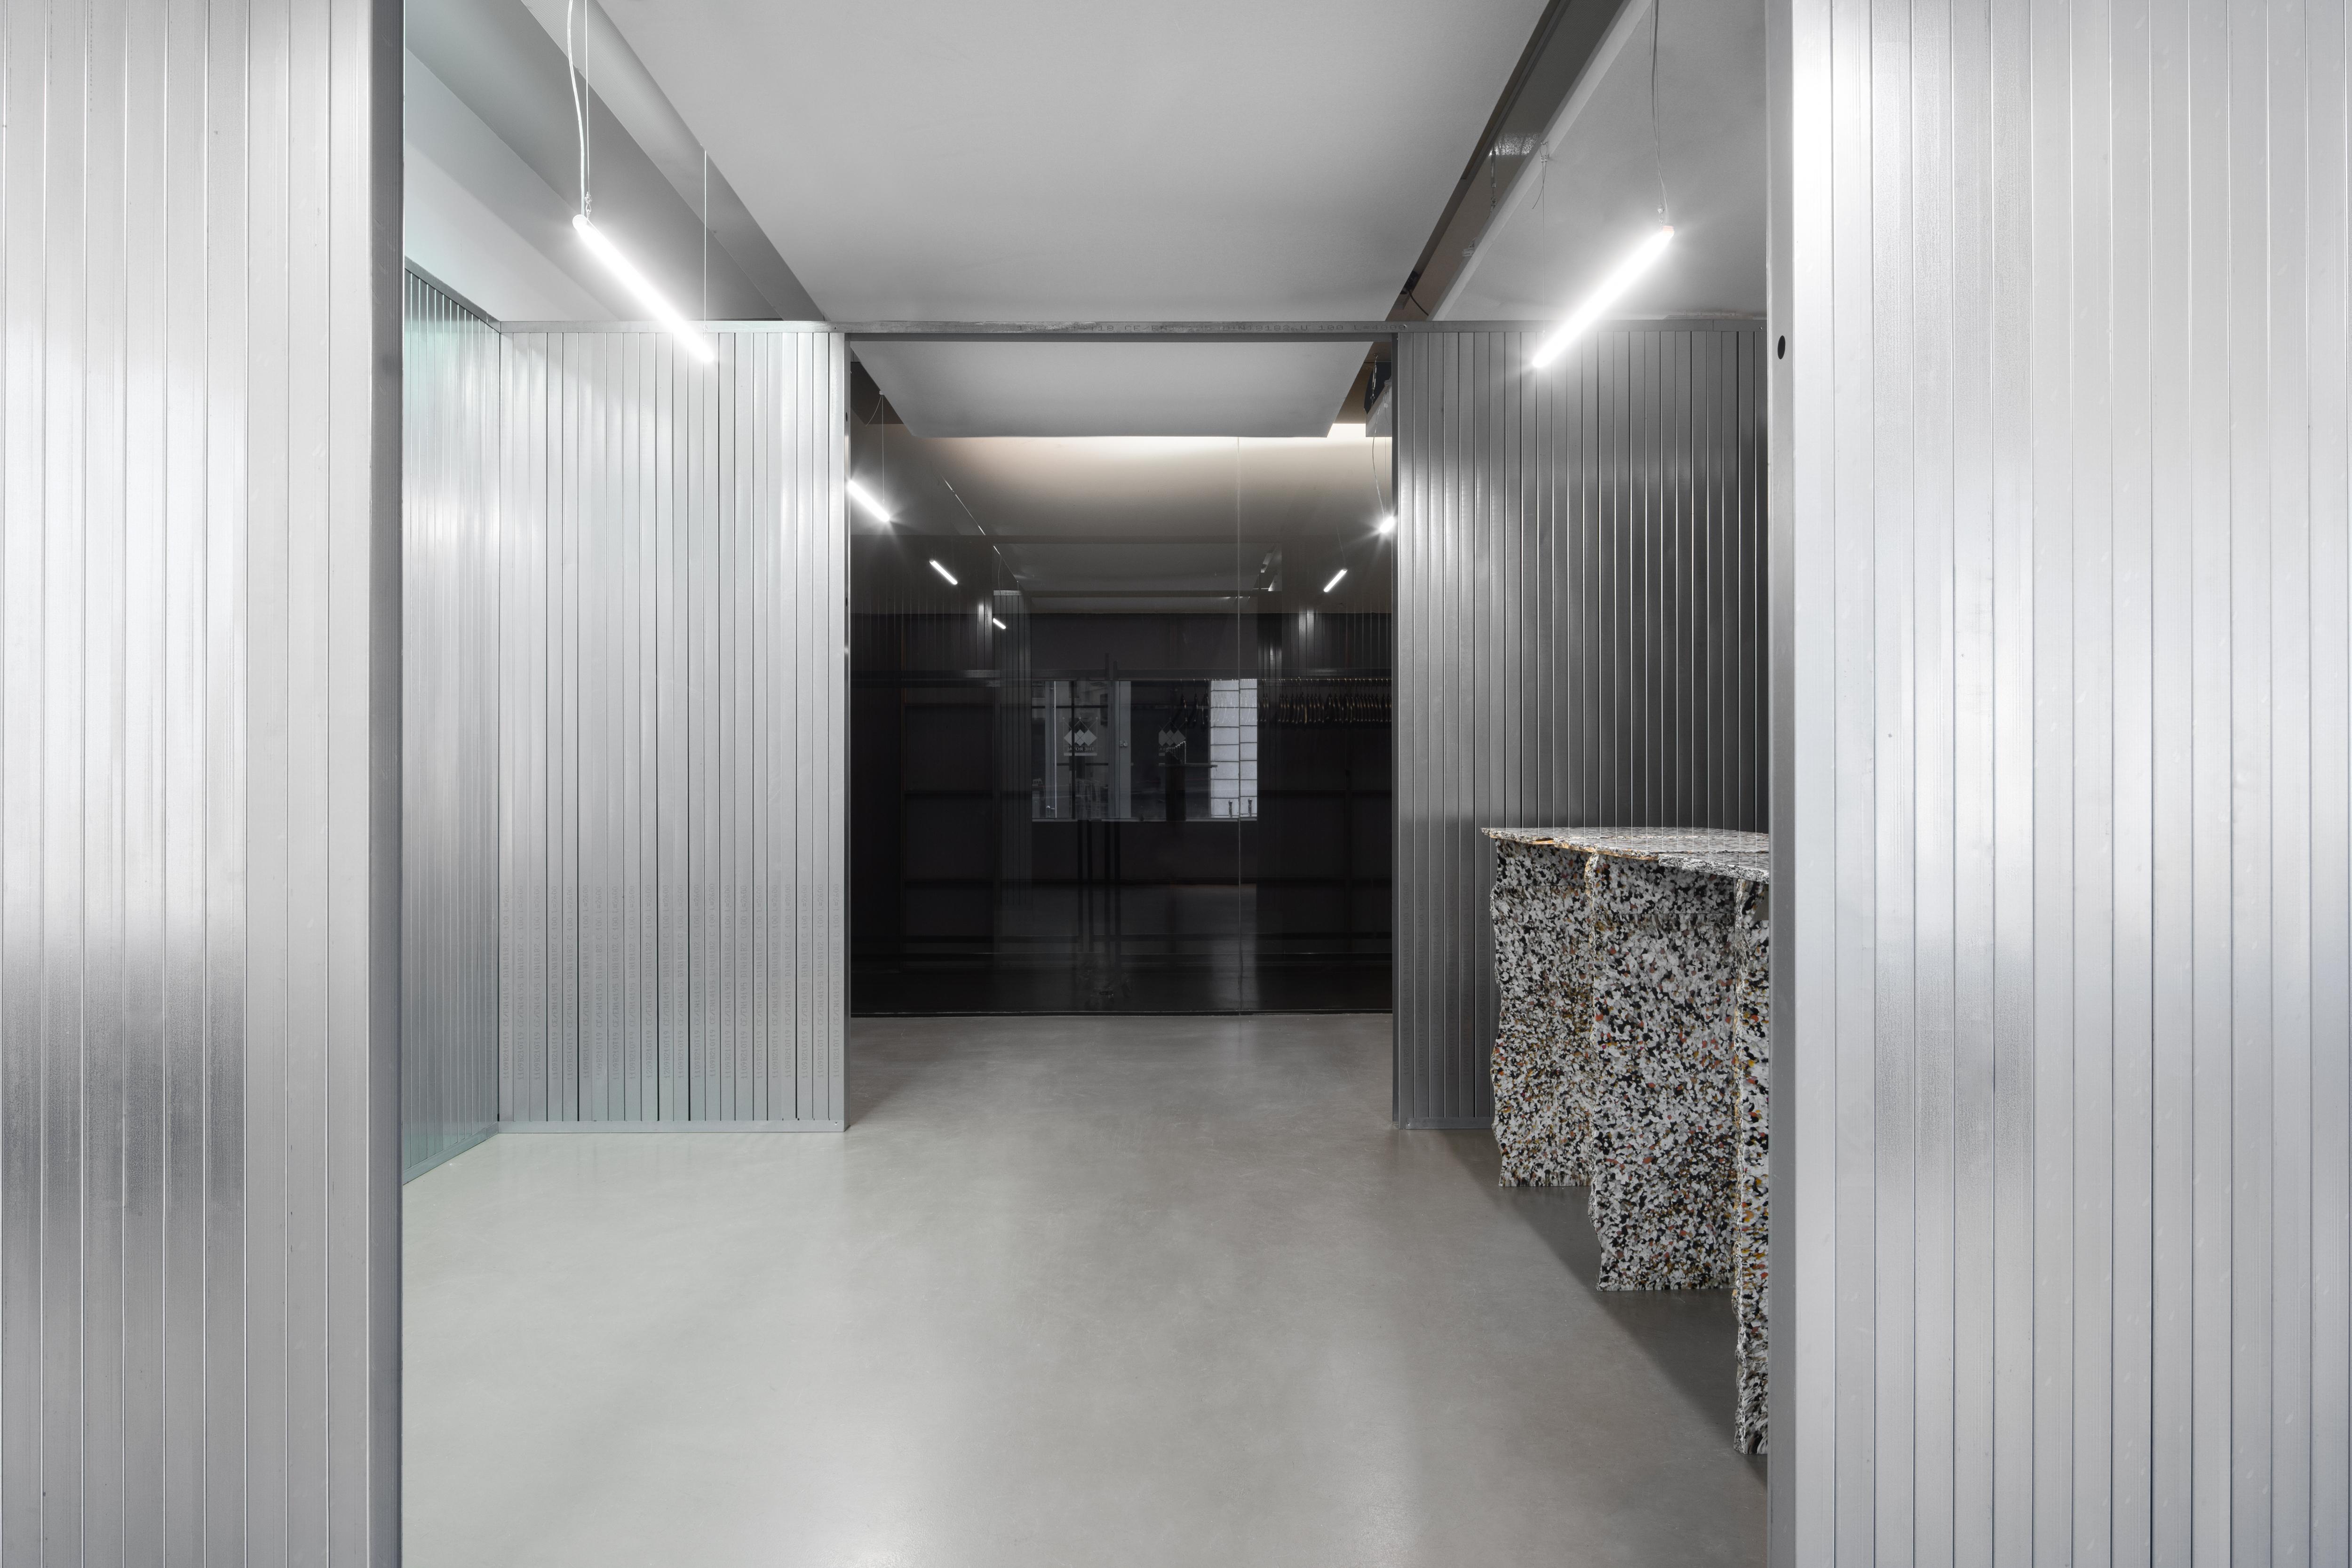 <p>Scenografie Collectible Brussel door Studio Verter. Beeld Jeroen Verrecht</p>